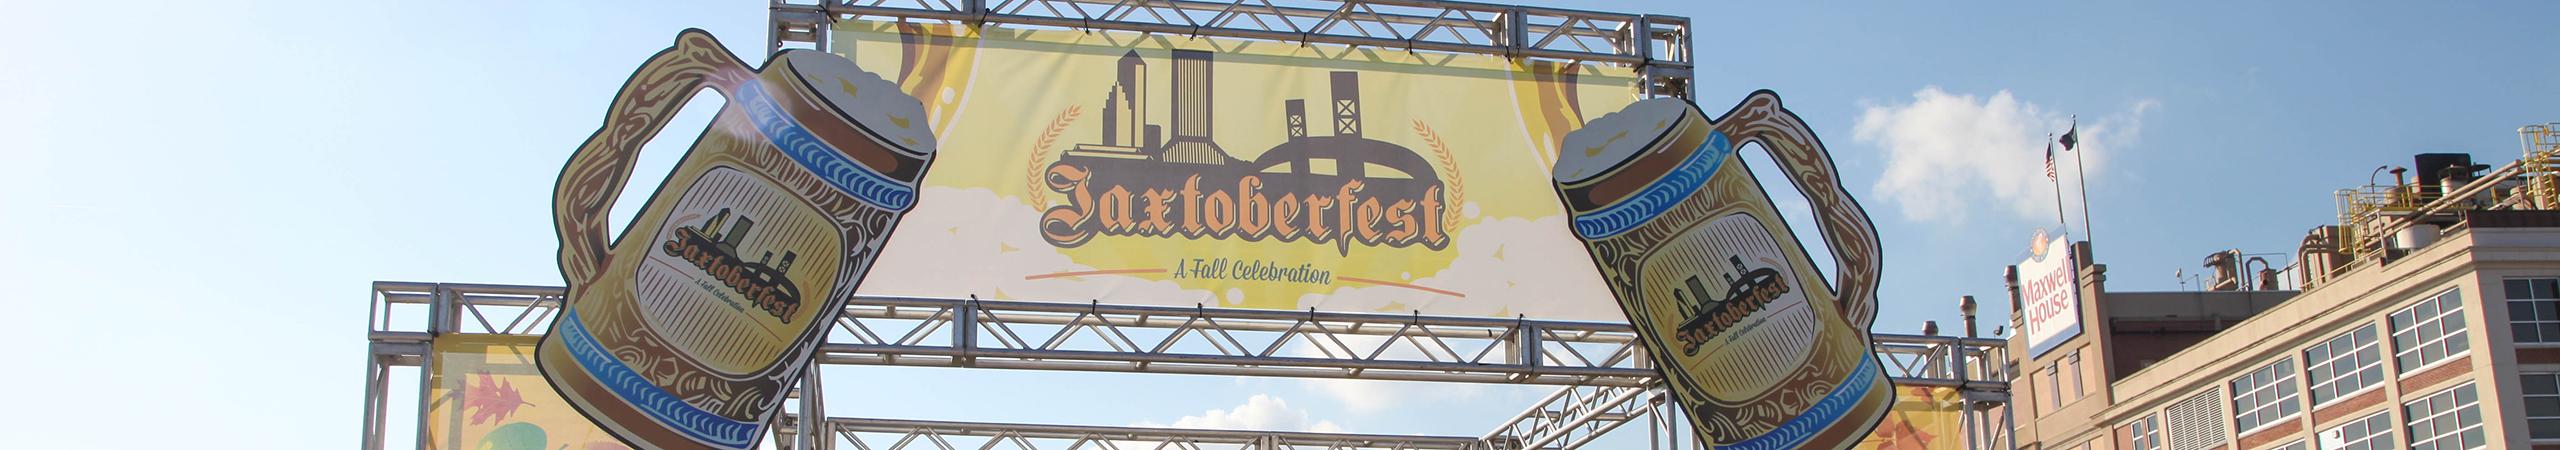 Jaxtoberfest 5k Beer Run 2014